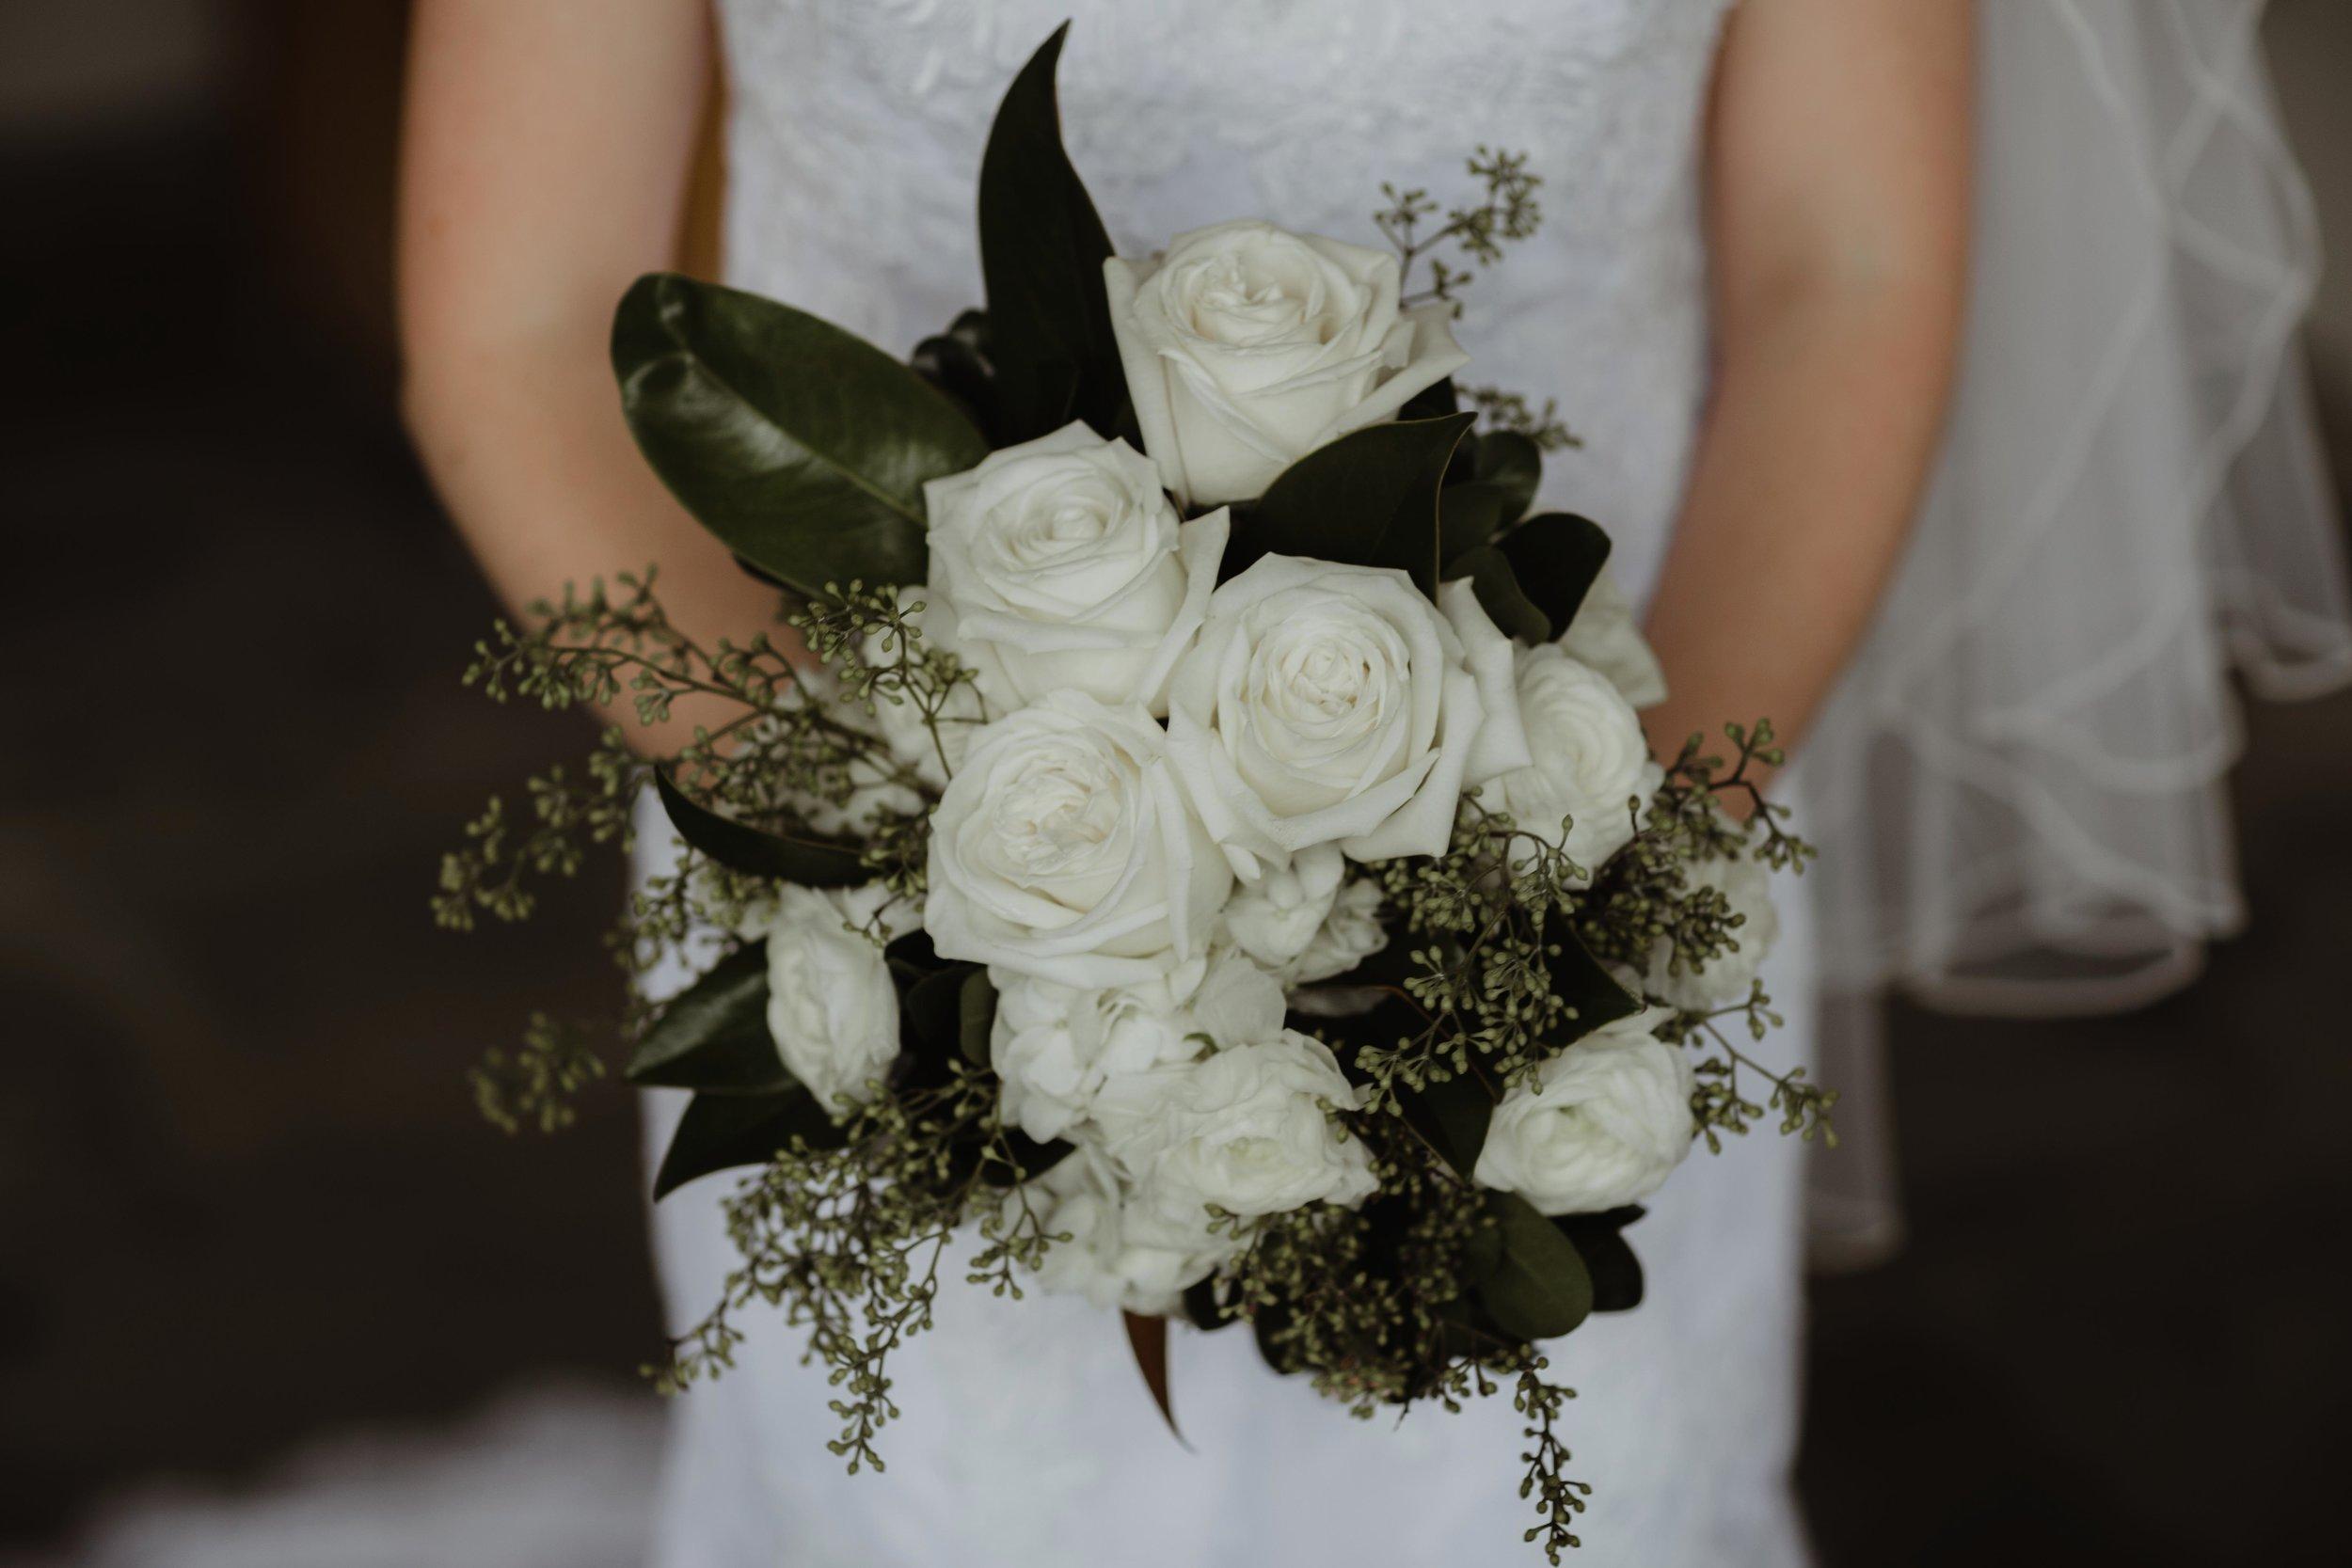 ALICIAandPETER-bridegroom (38 of 254).jpg